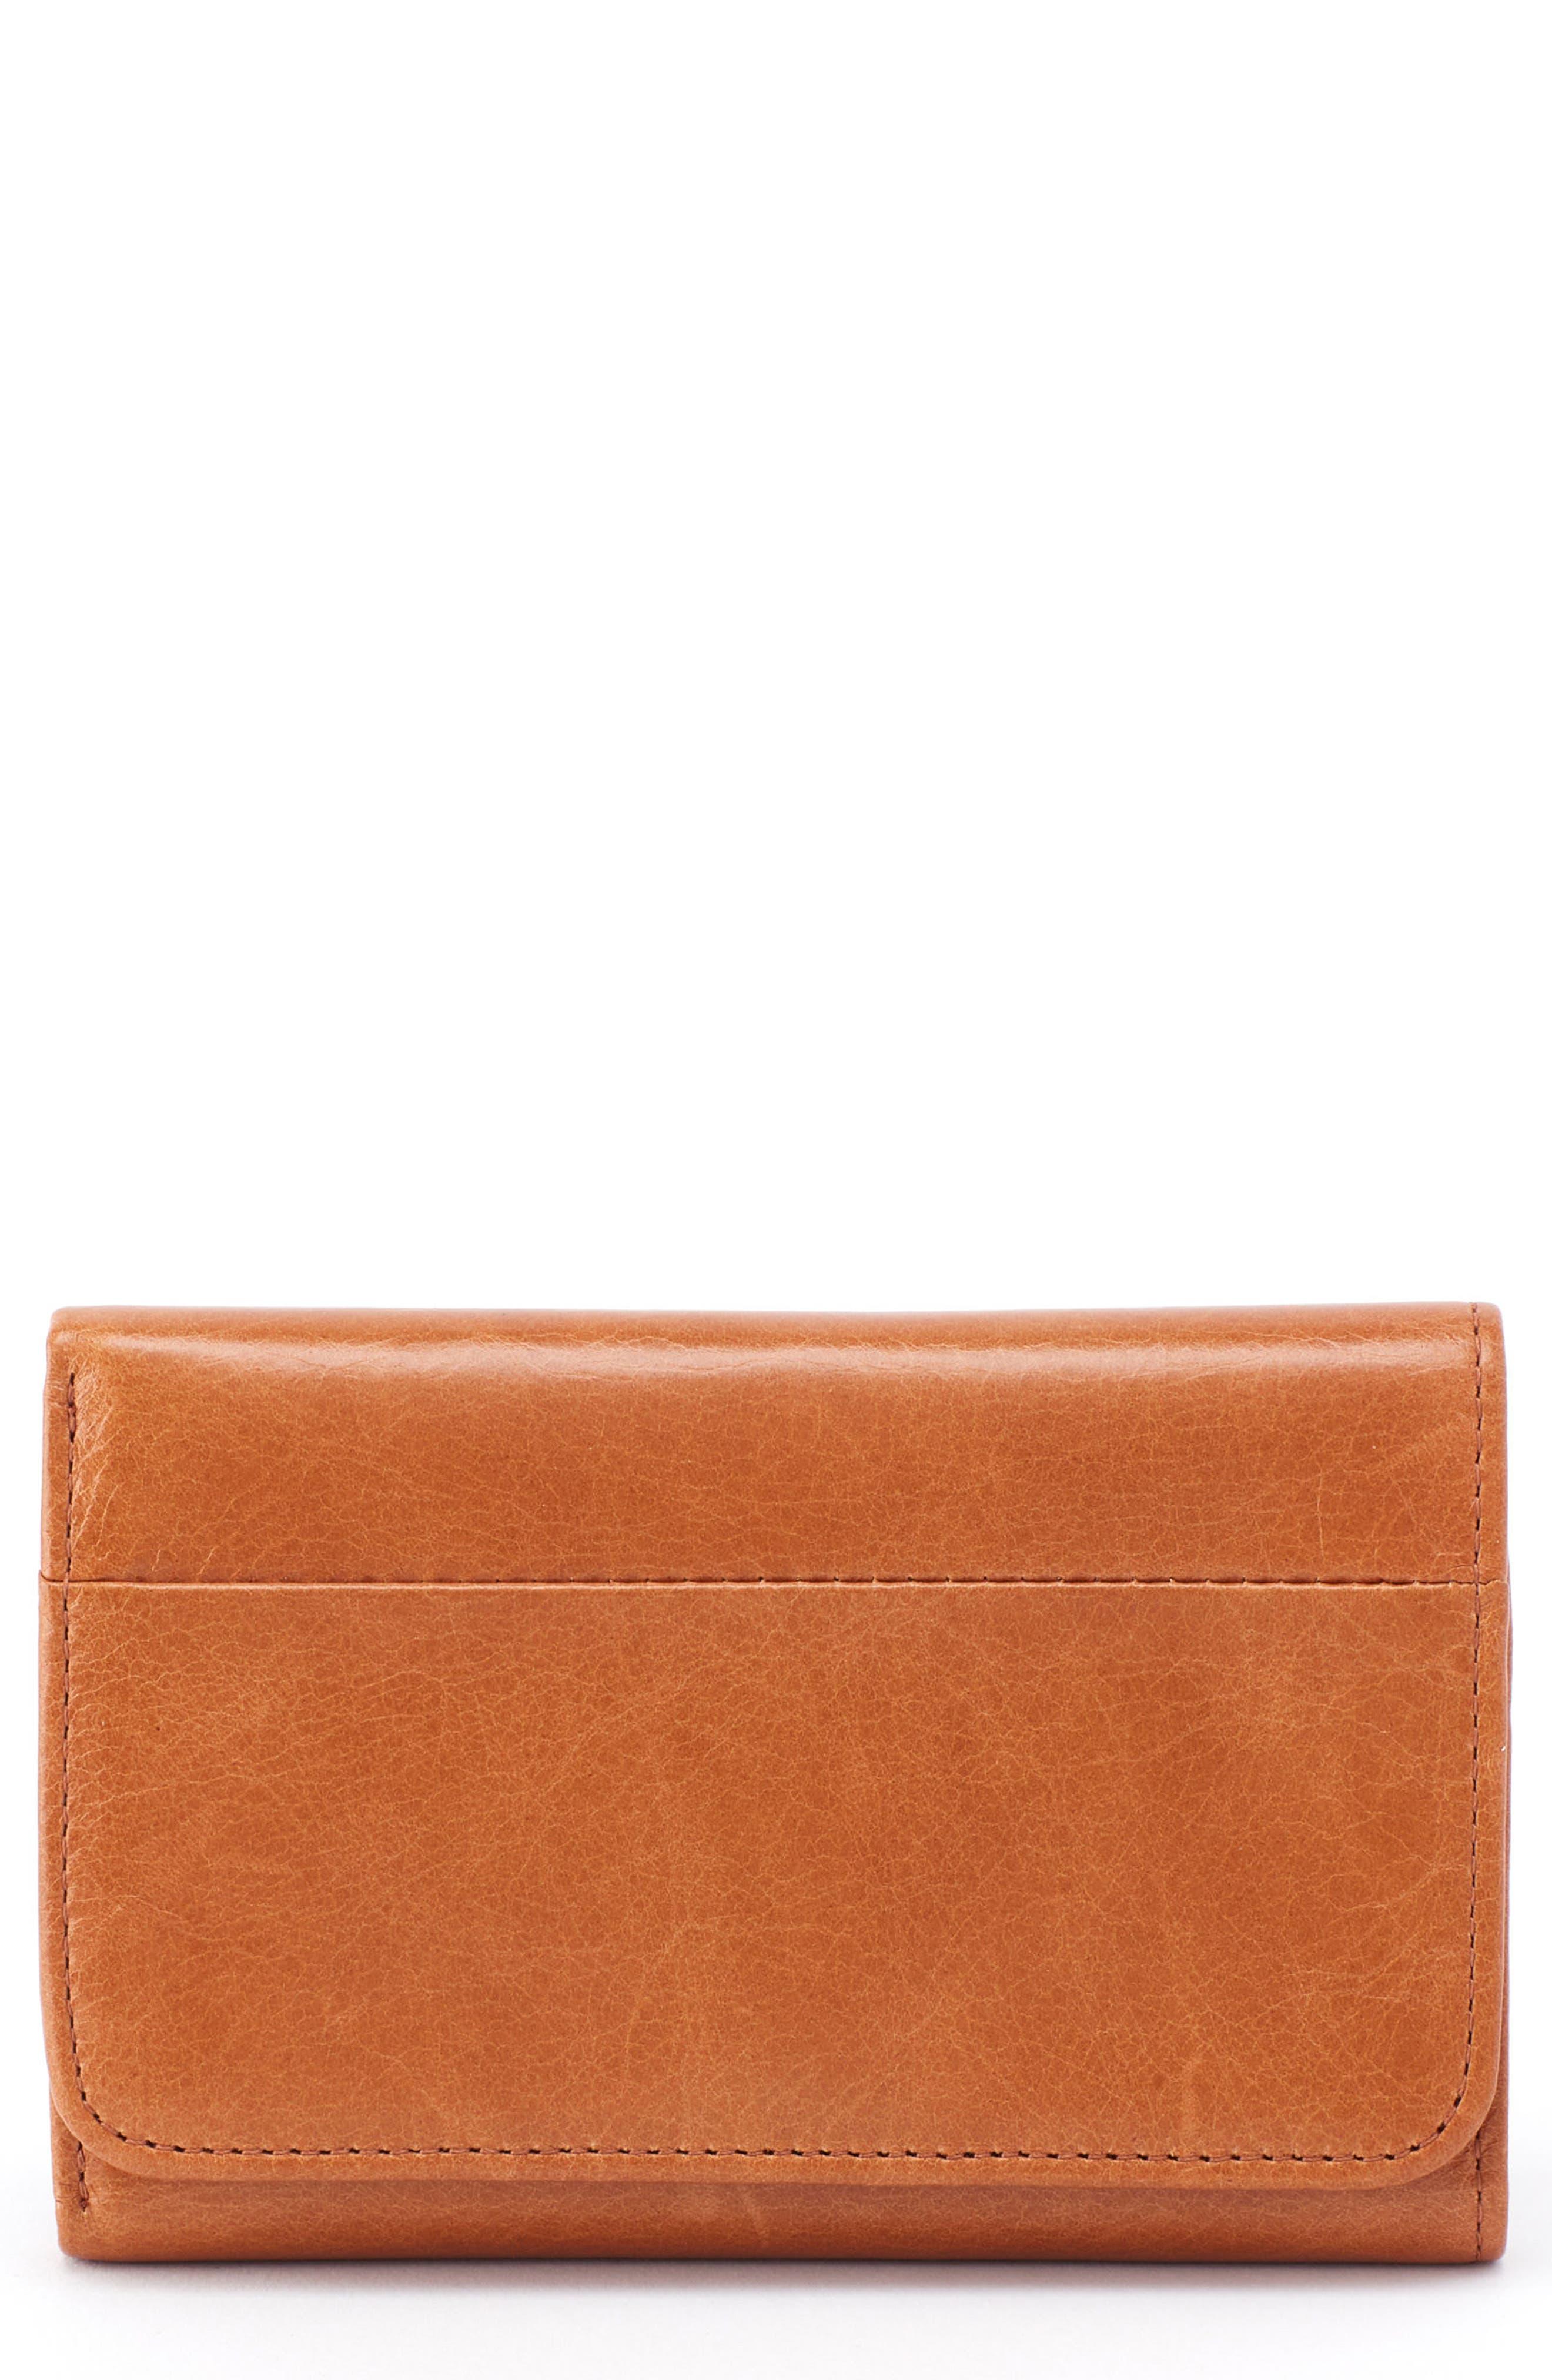 Leather Zip Around Wallet - HARMONY by VIDA VIDA g5501Y